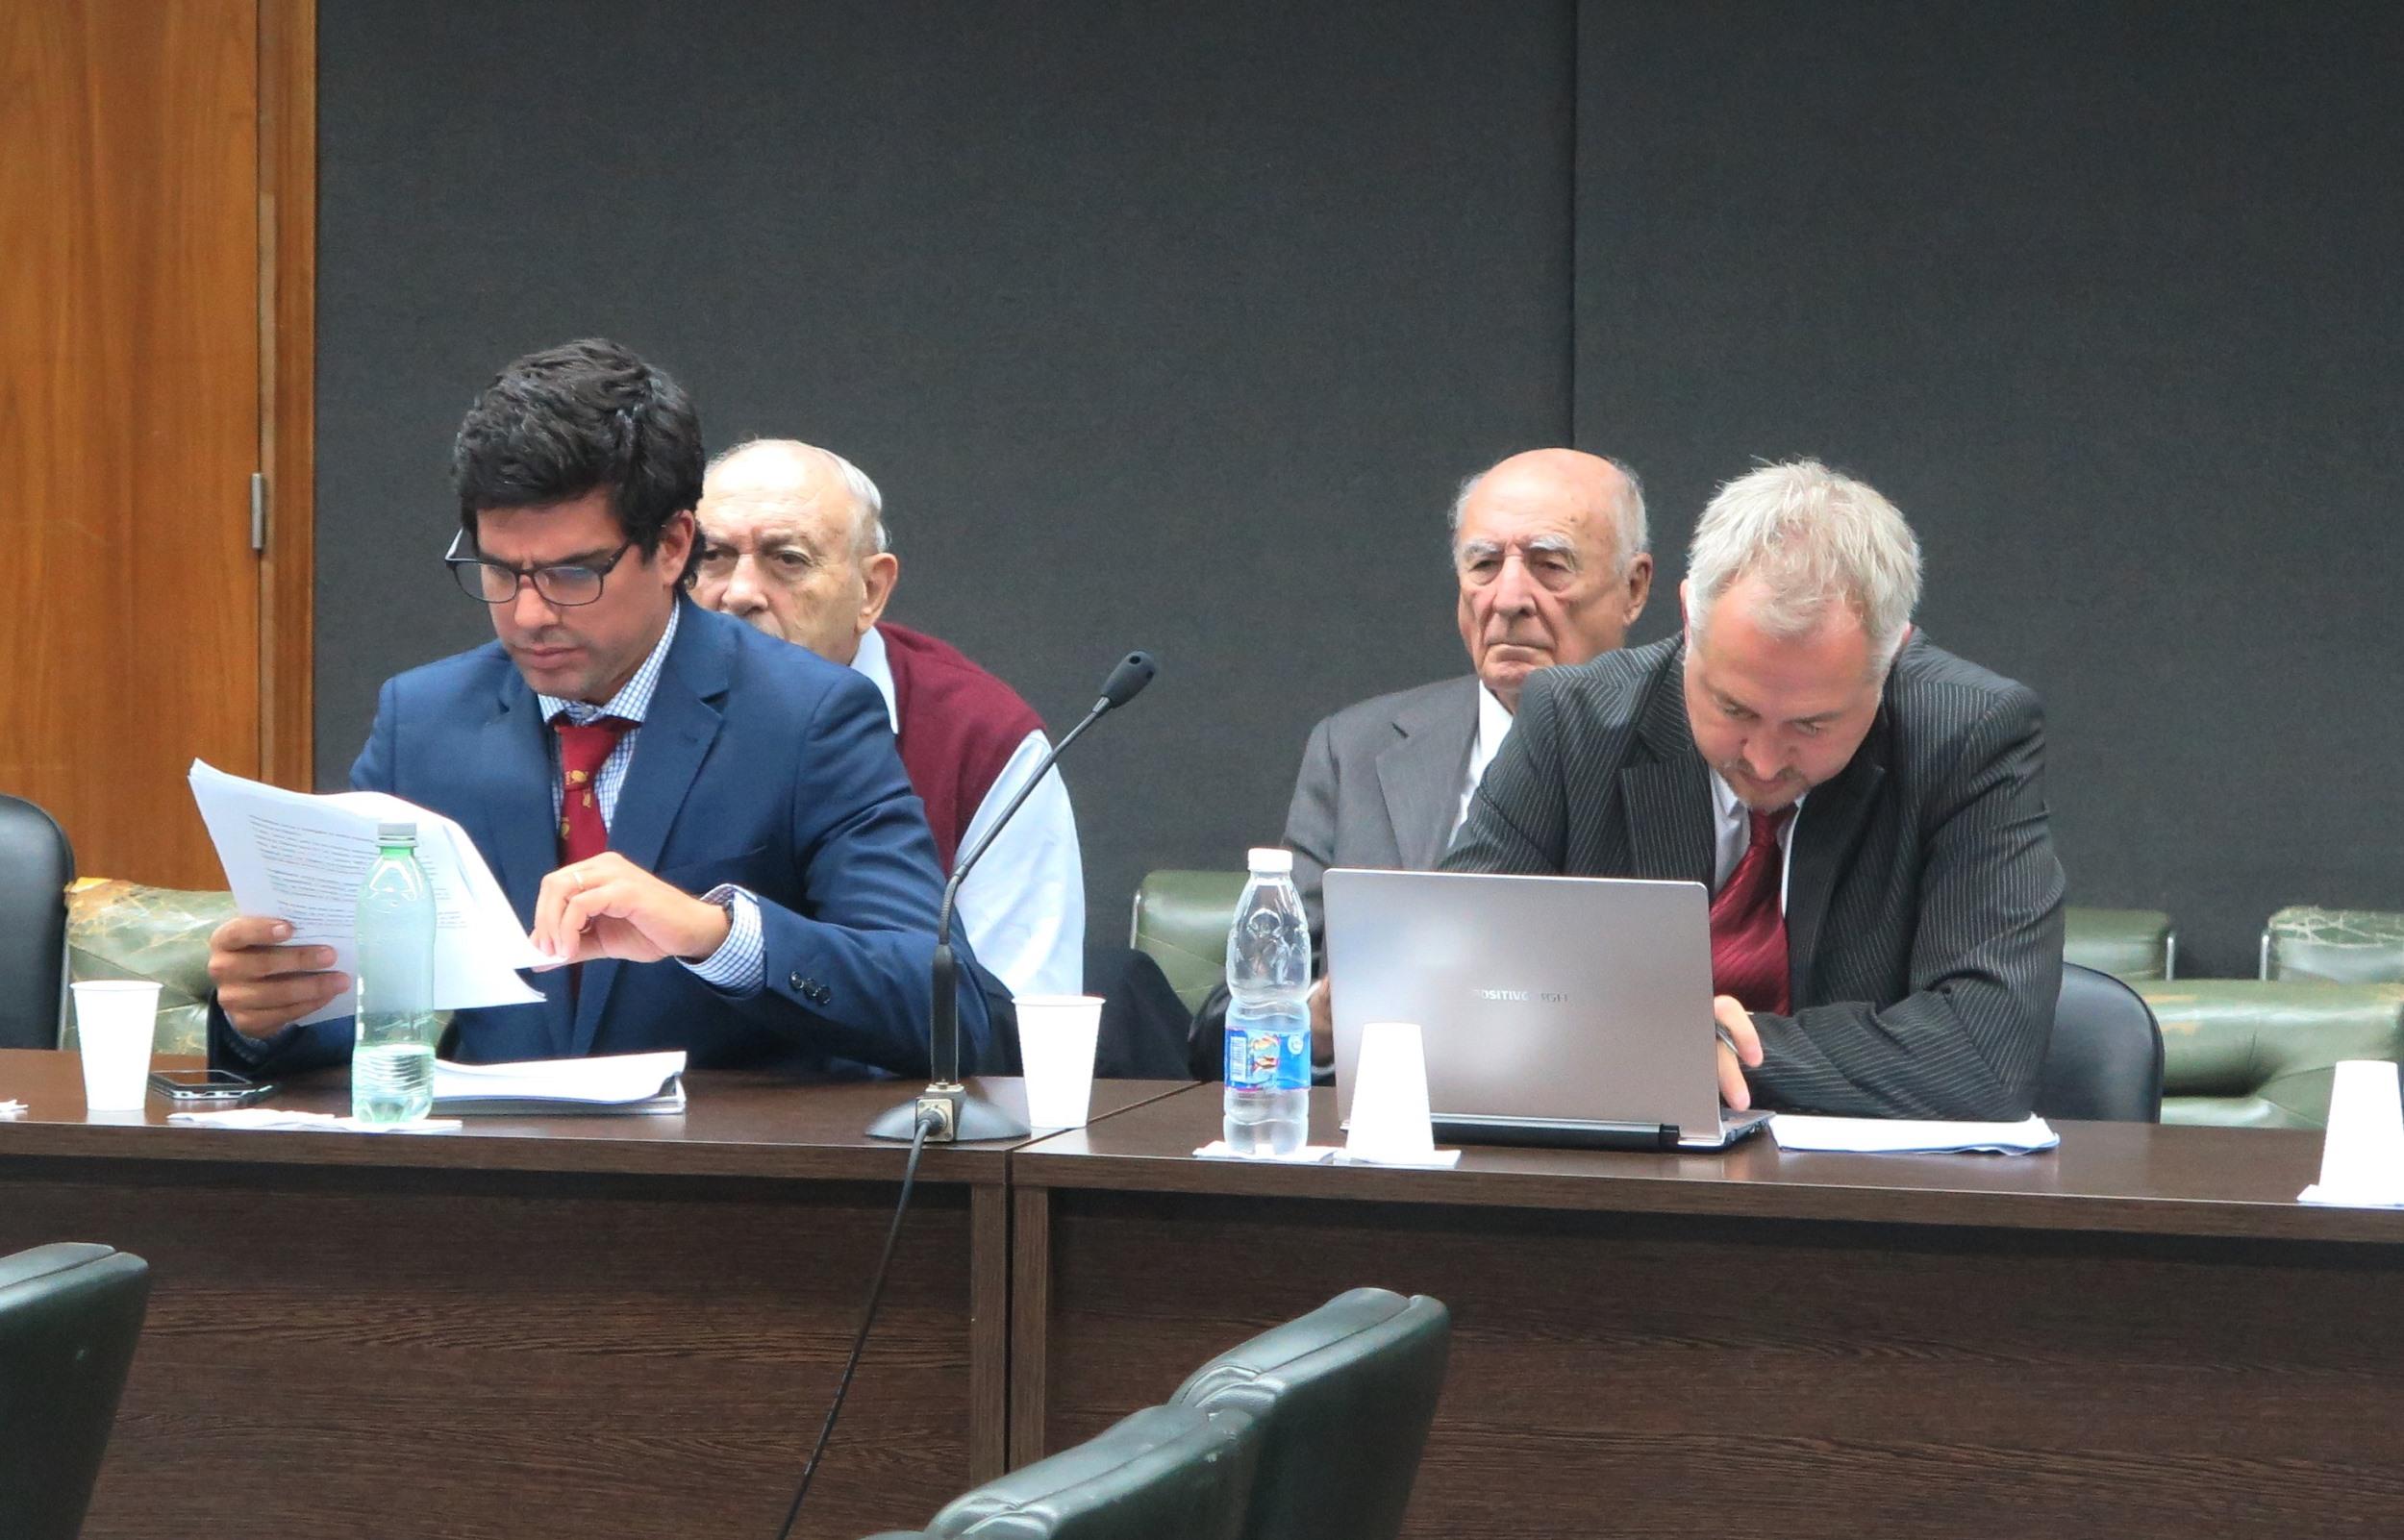 Marquiegui y Arrillaga siguen el debate a espaldas de los  defensores.  - Foto: Belén Cano / Fiscalía General de Mar del Plata.